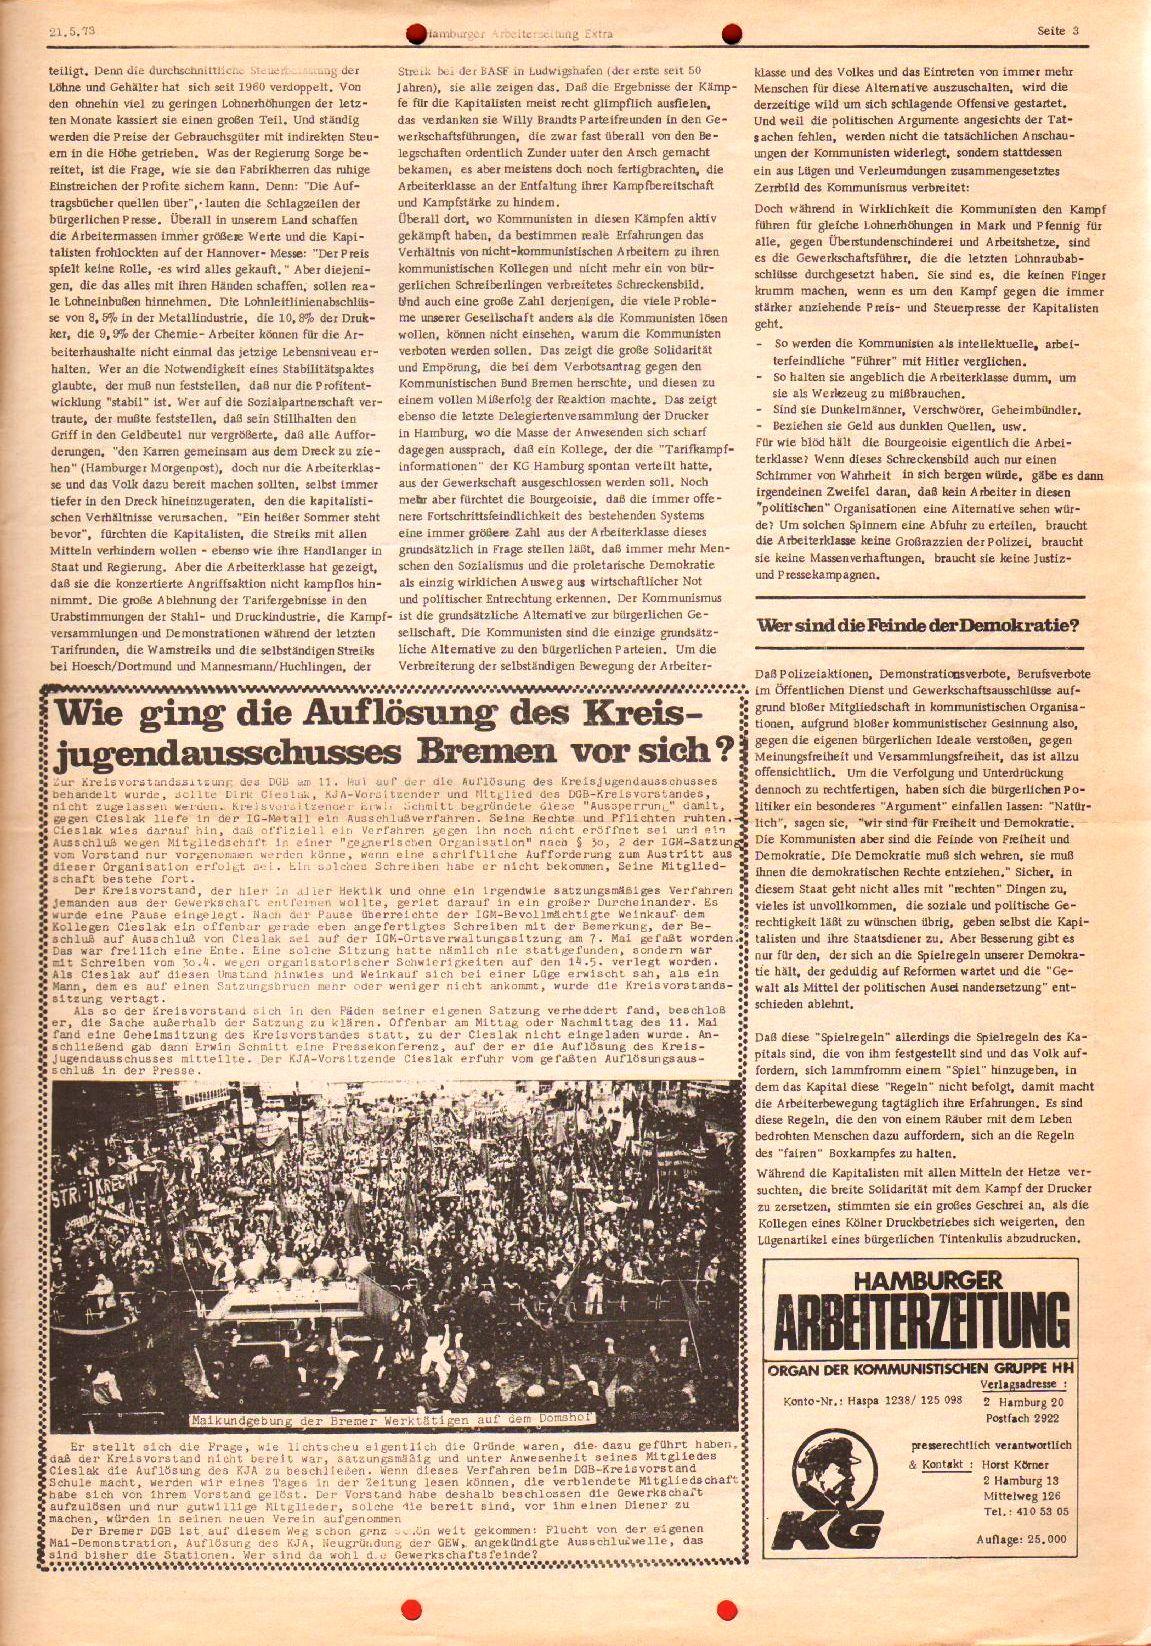 Hamburger_Arbeiterzeitung027